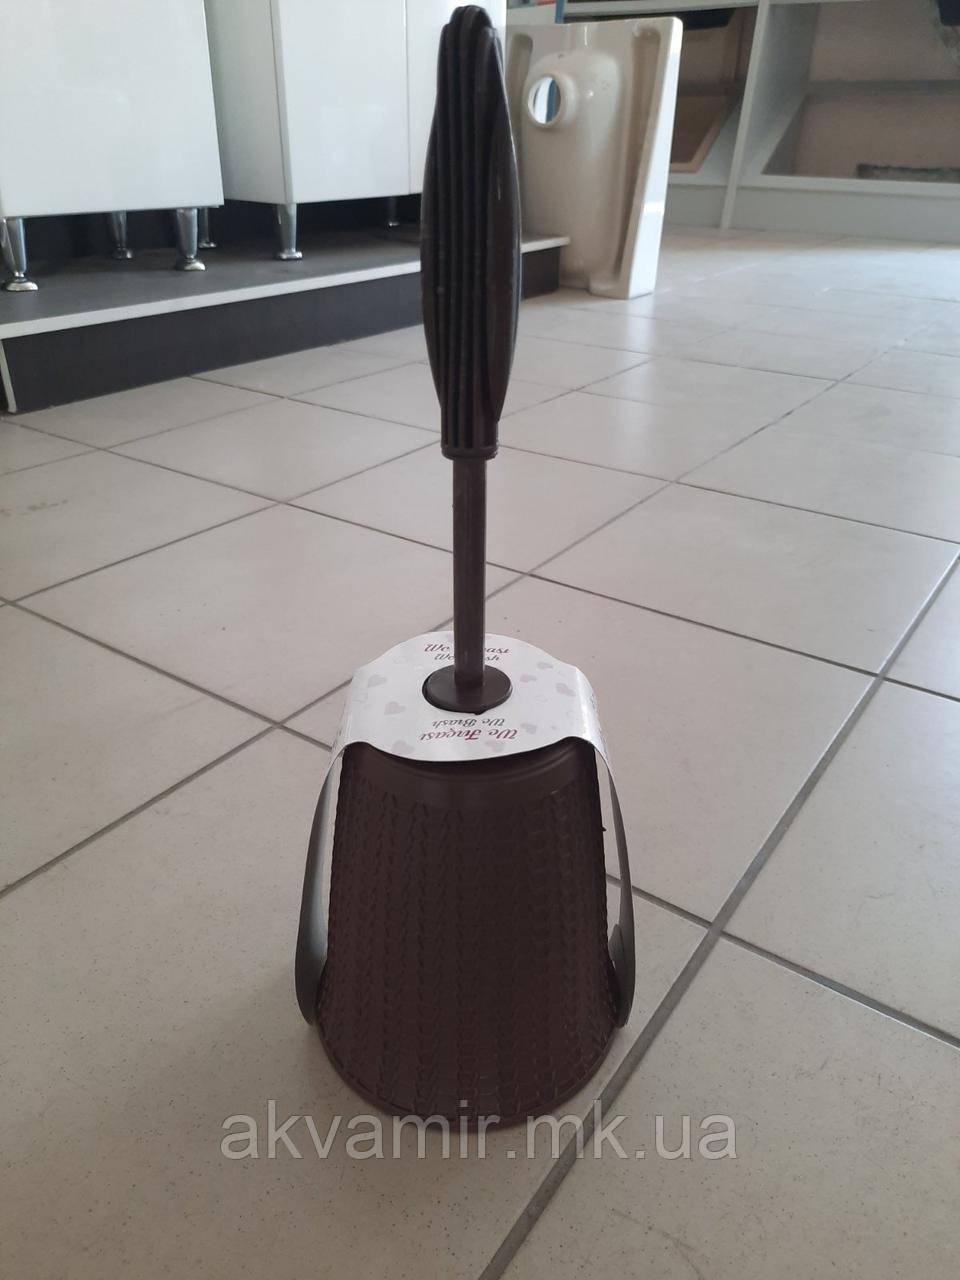 Йоршик для унітазу Віолетта пластиковий підлоговий (шоколад)